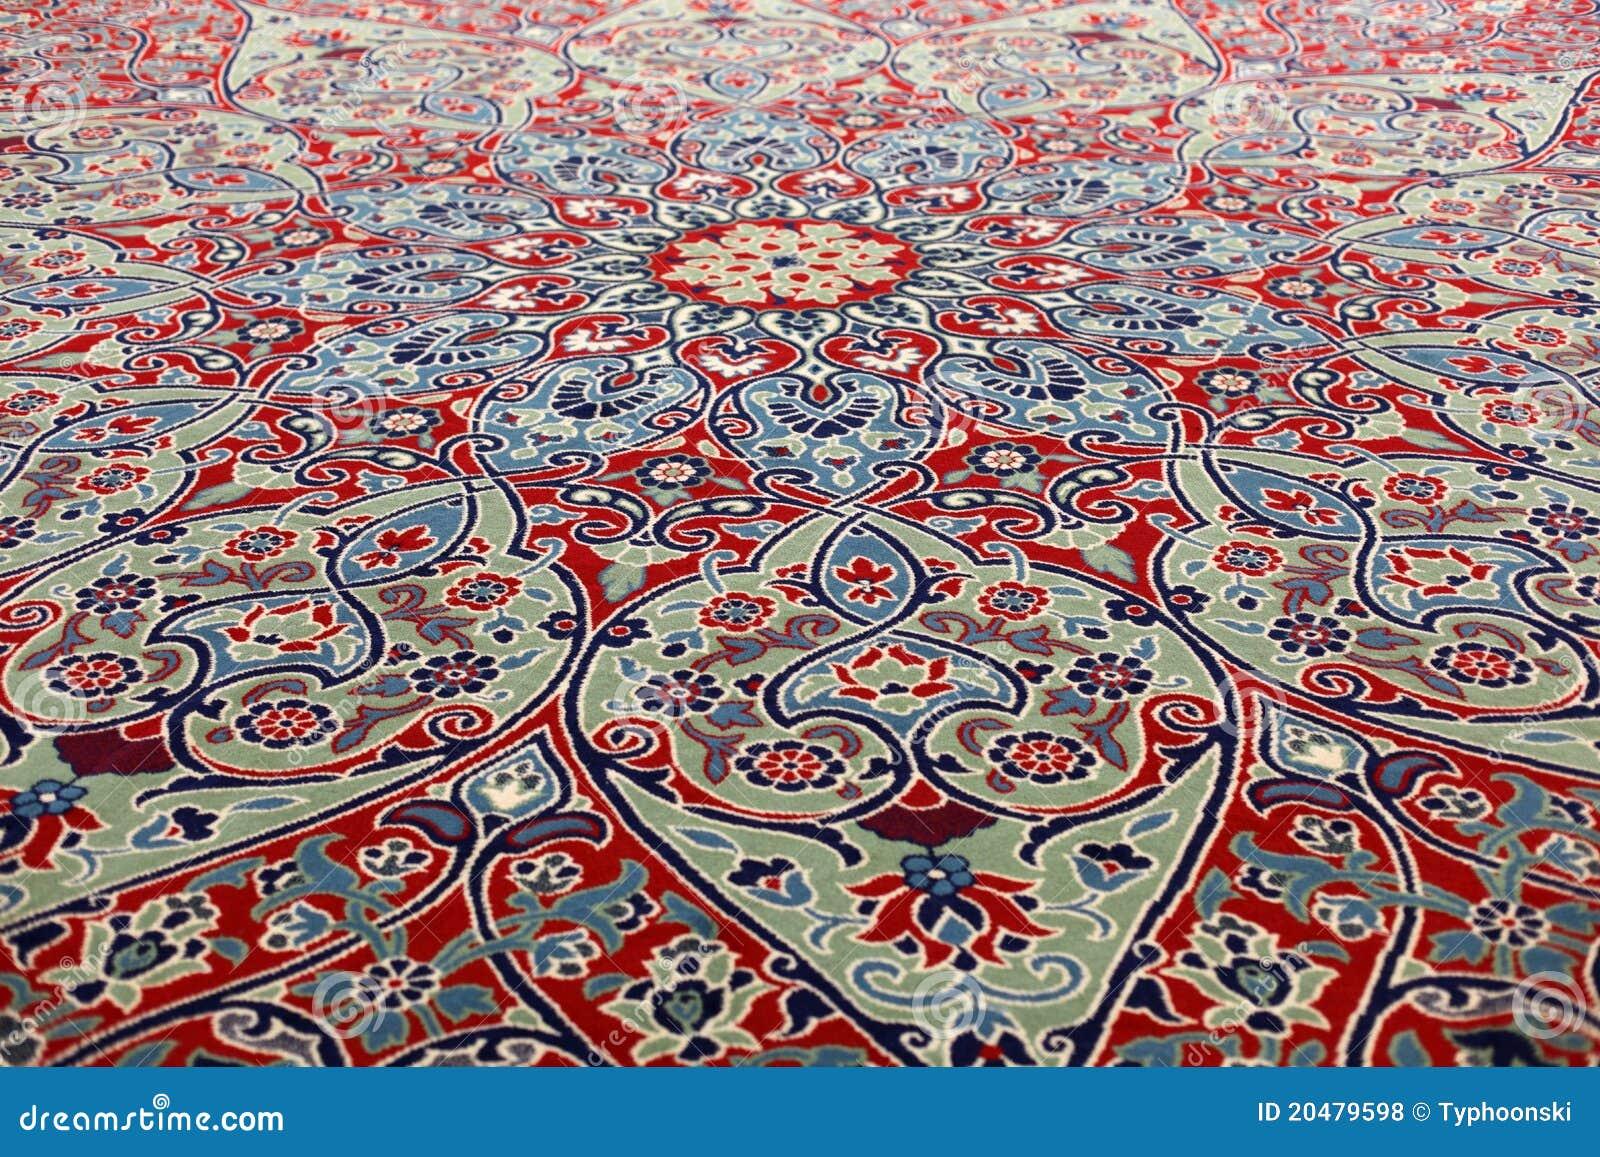 Orientalischer teppich  Schöner Orientalischer Teppich Lizenzfreie Stockfotos - Bild: 20479598